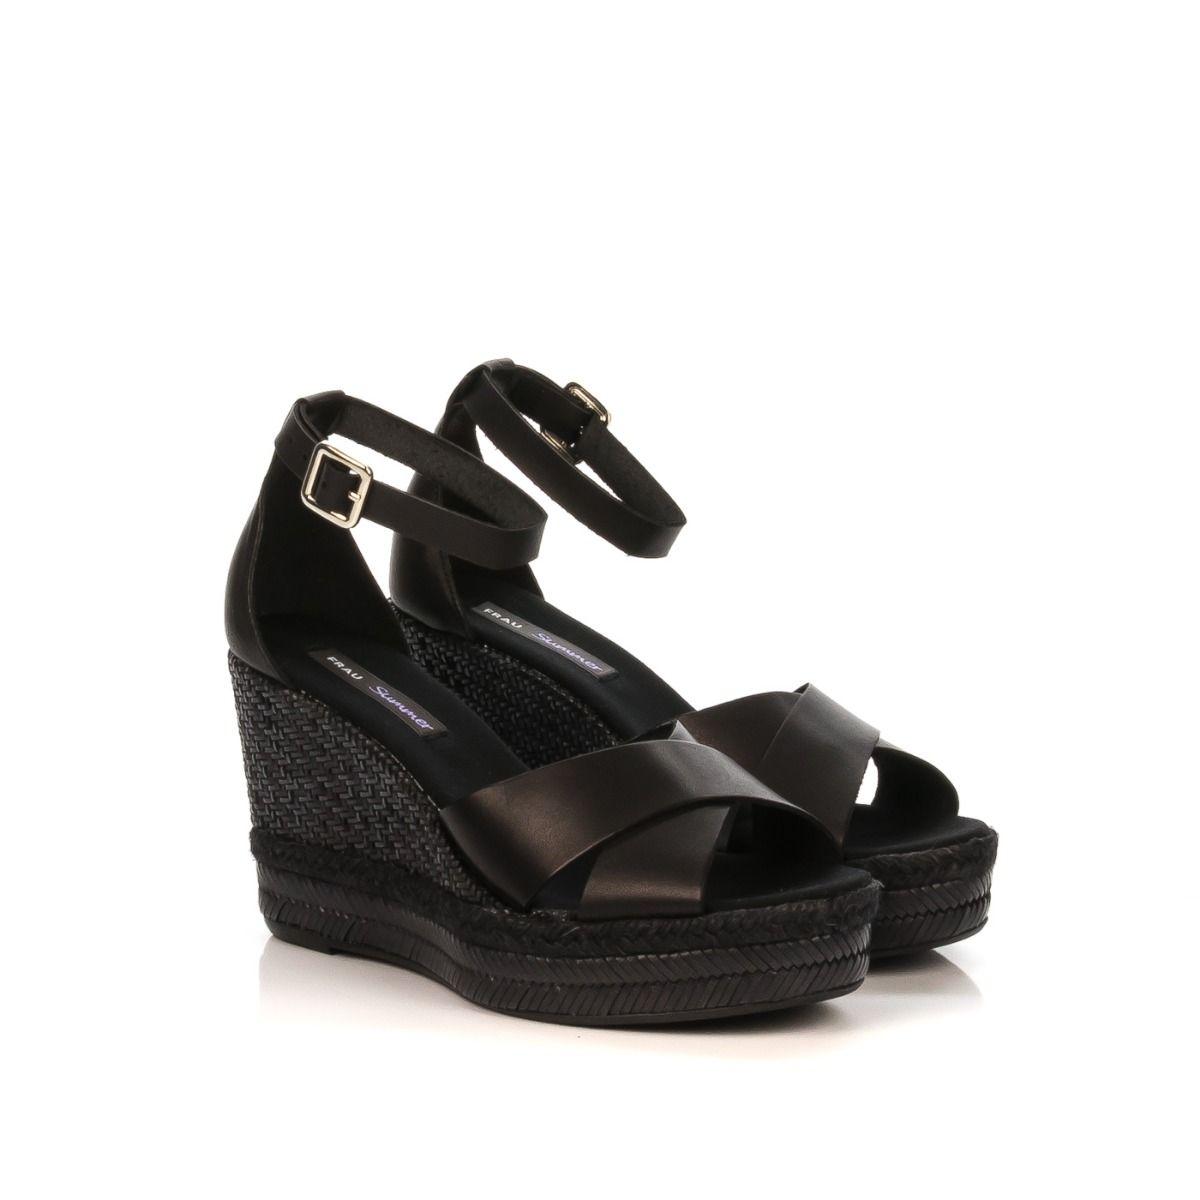 Sandalo donna con zeppa|FRAU 81L2|pelle nera|Spedizione